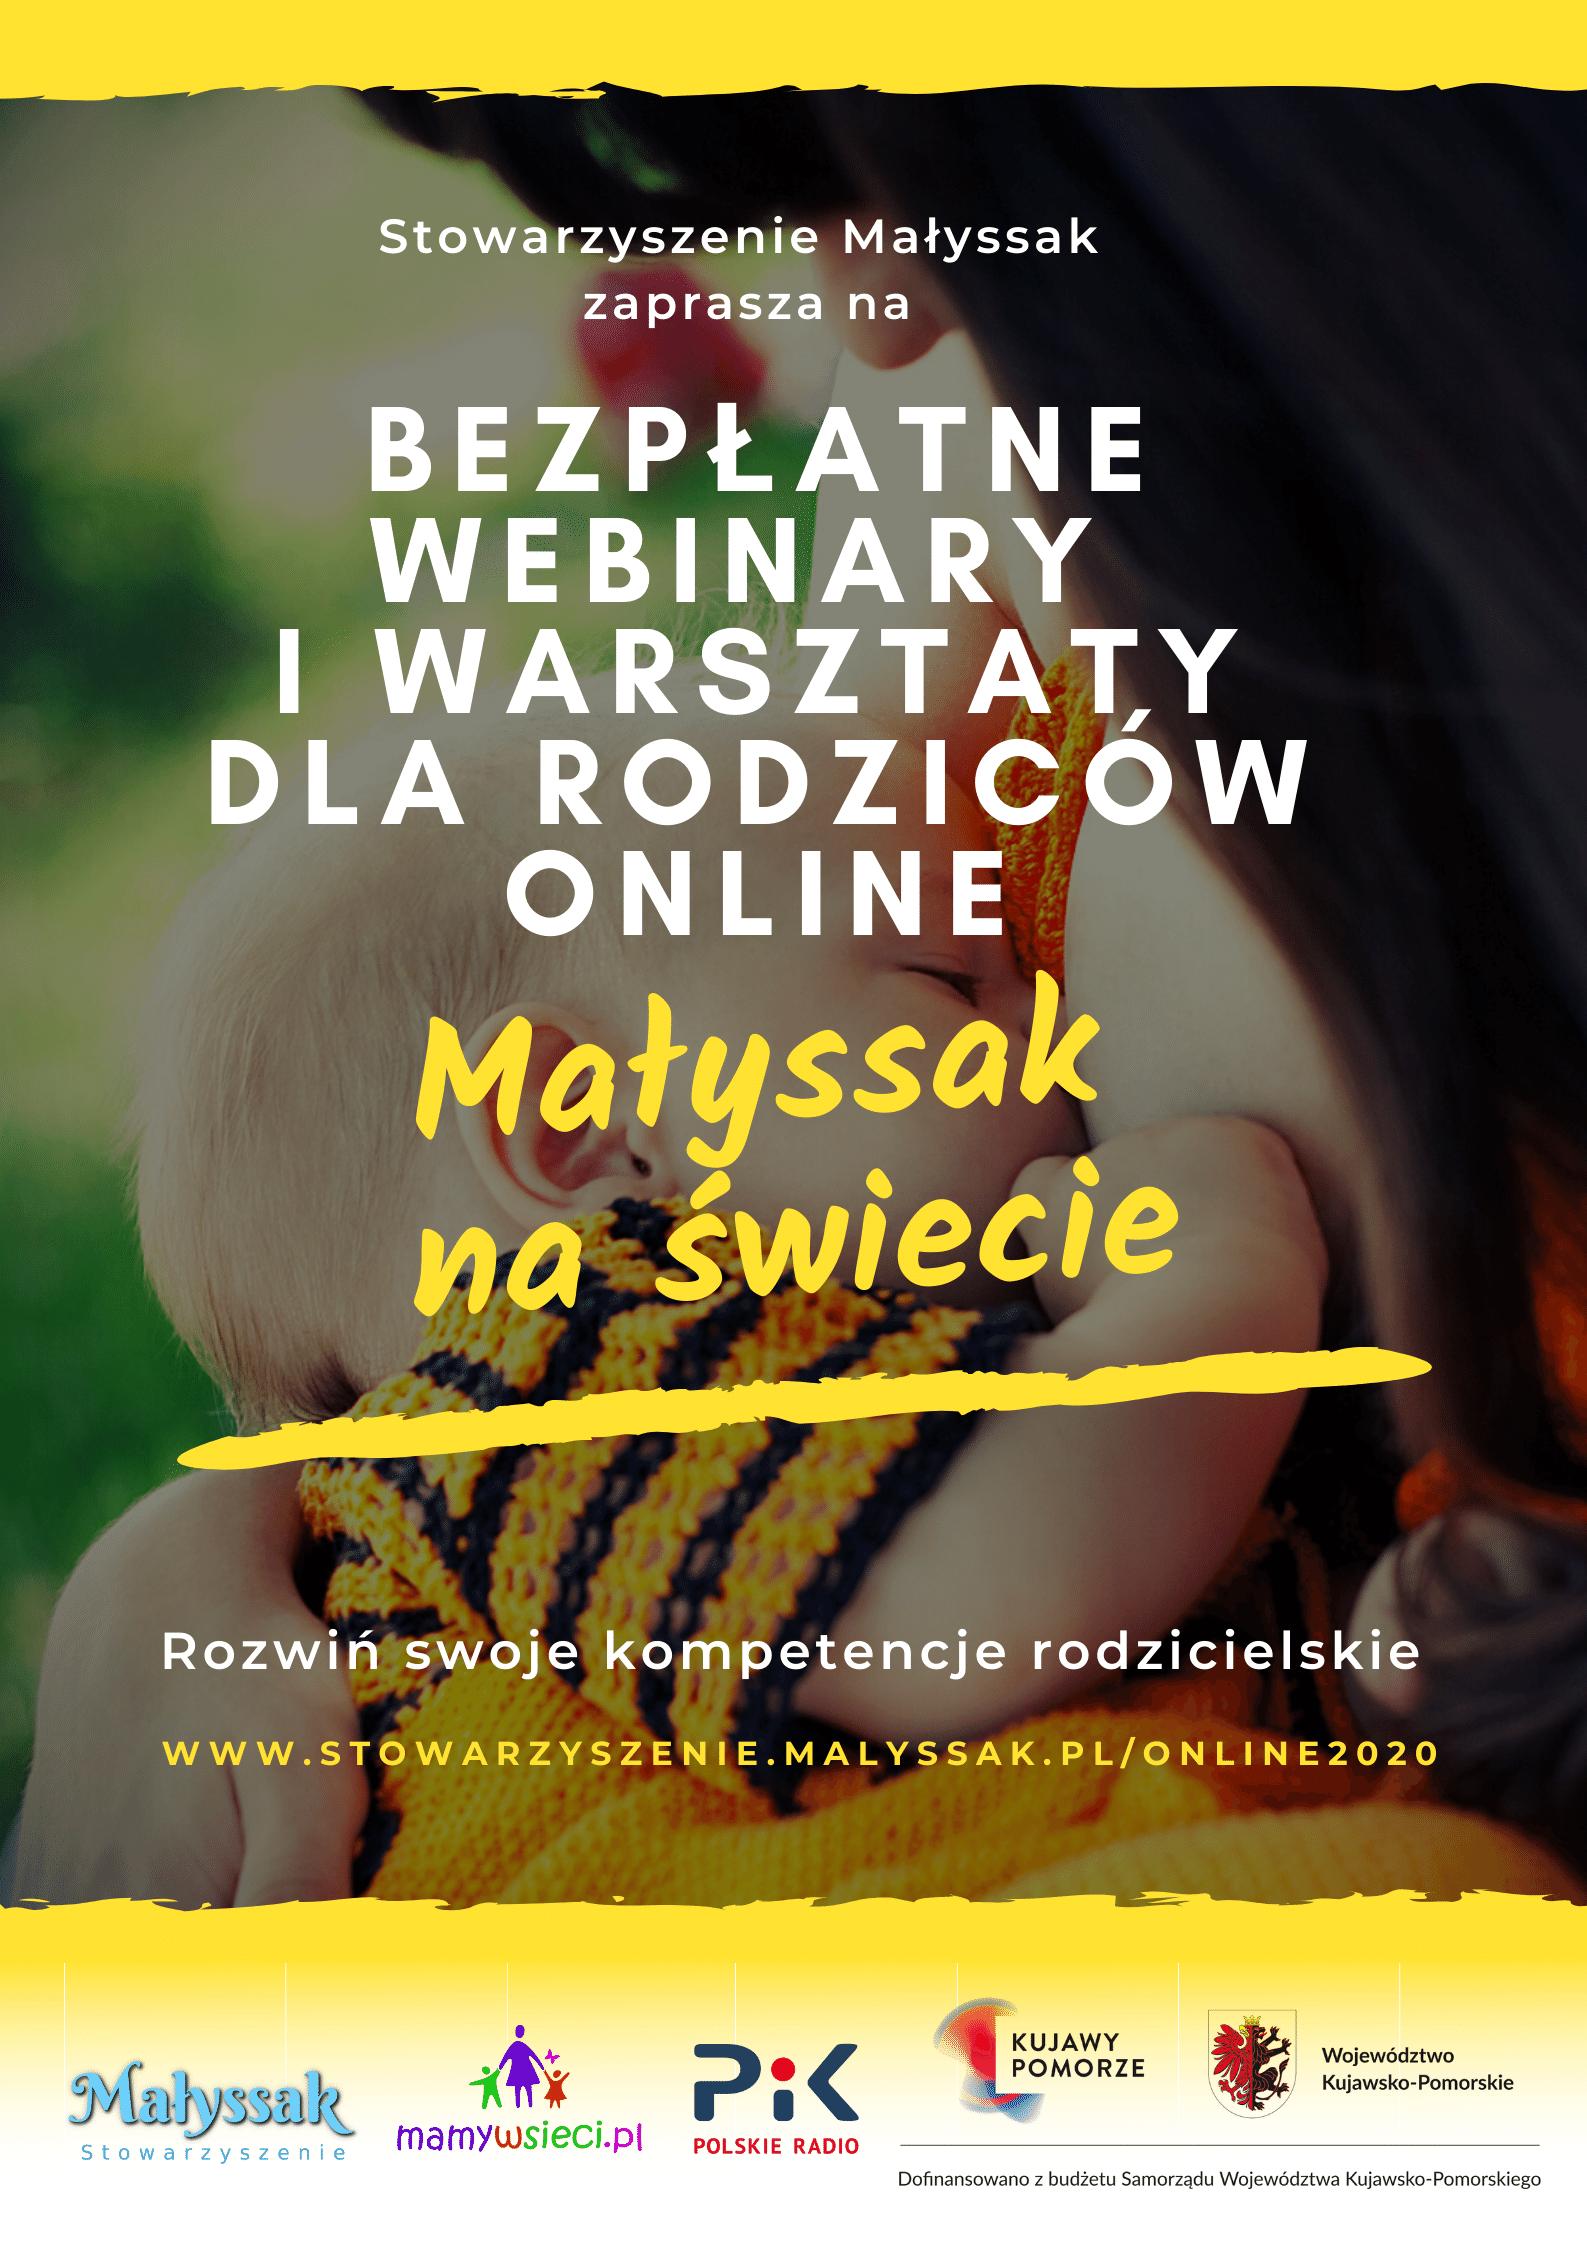 Plakat-Malysssak-na-swiecie